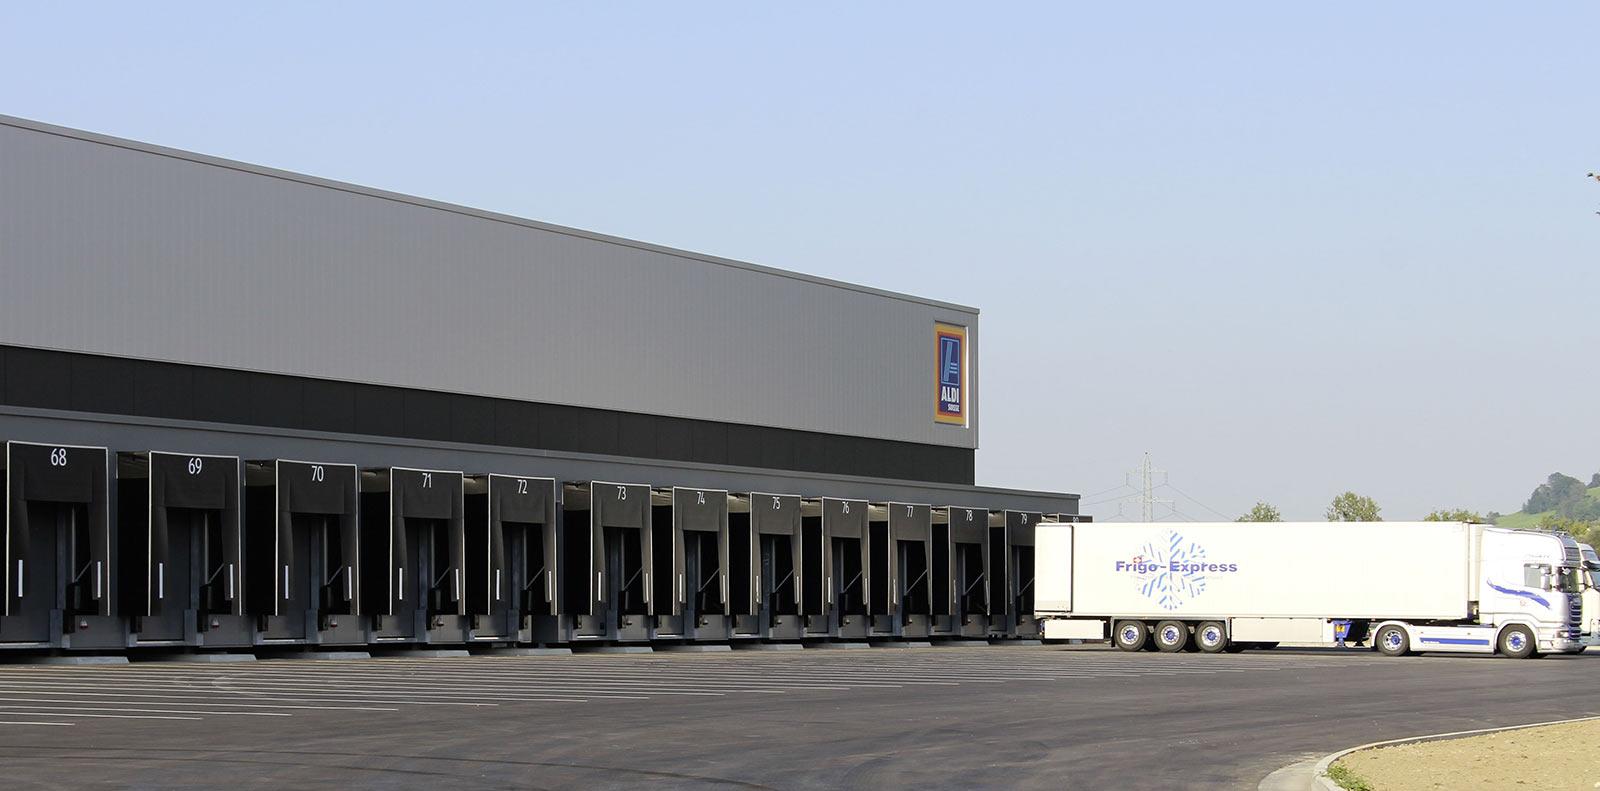 Das Logistikzentrum hat 80 Verladerampen. Foto: ATP/Kompatscher